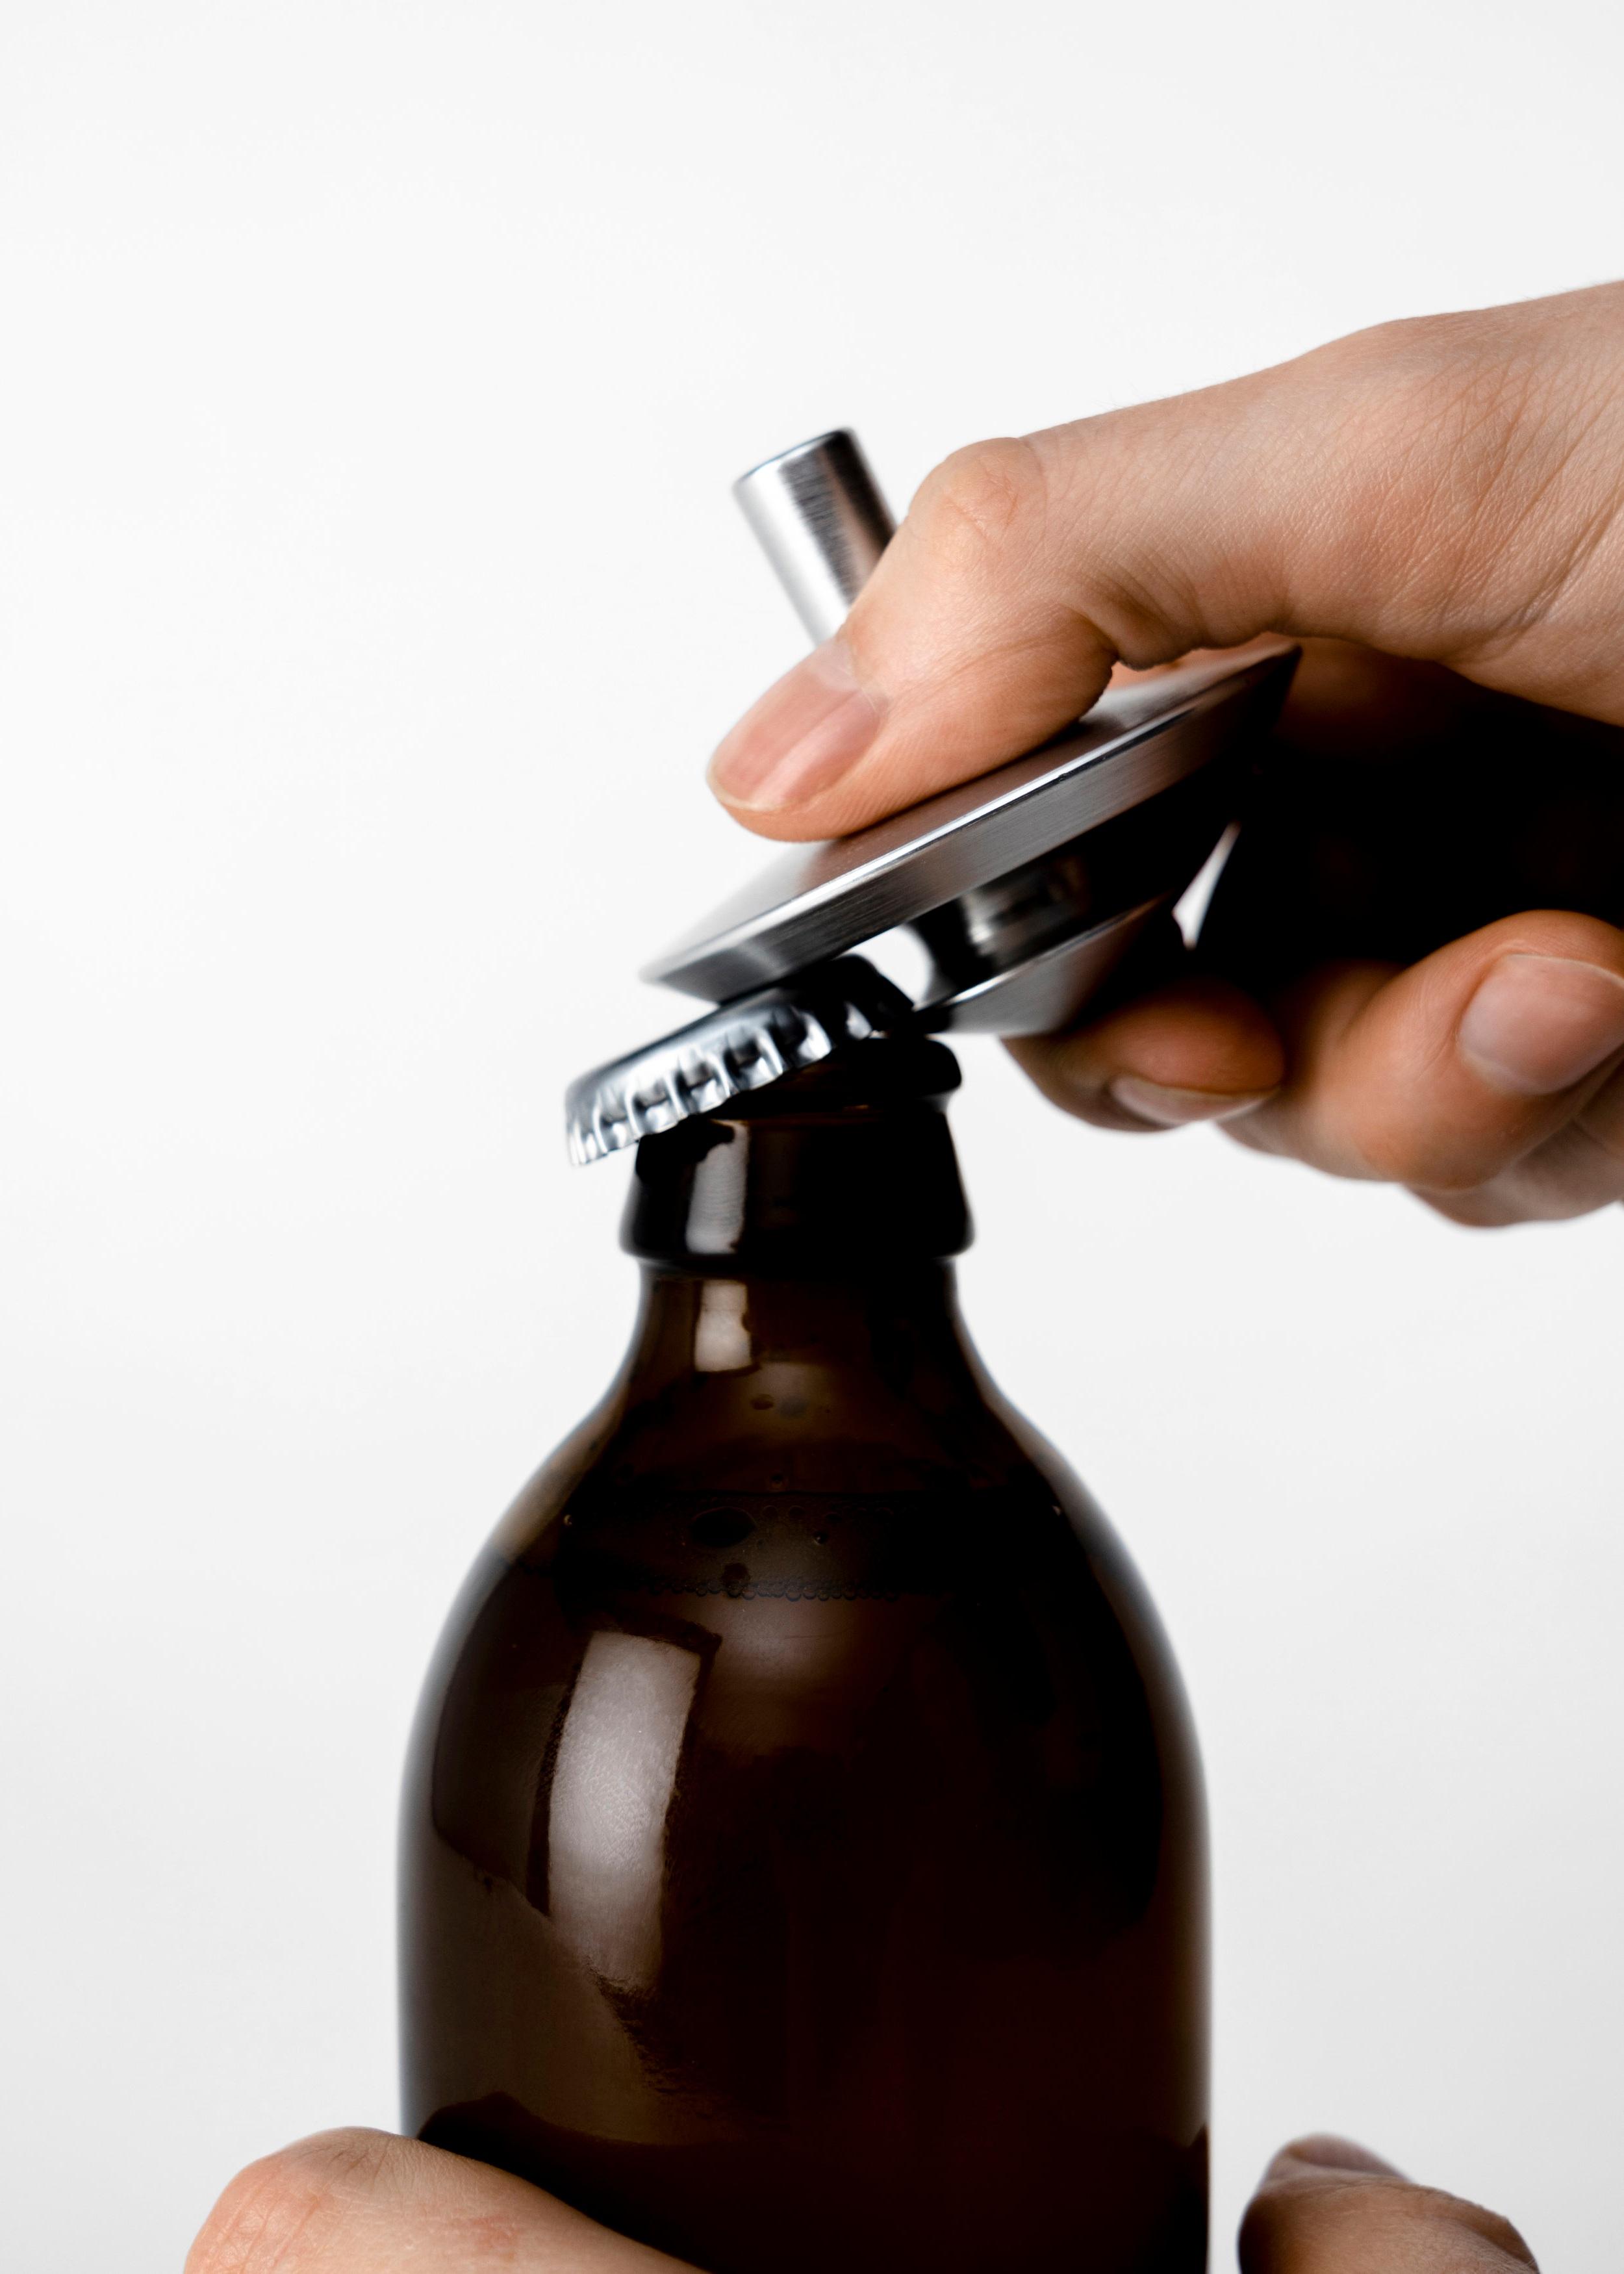 spin-bottle-opener-cap-nicholas-baker